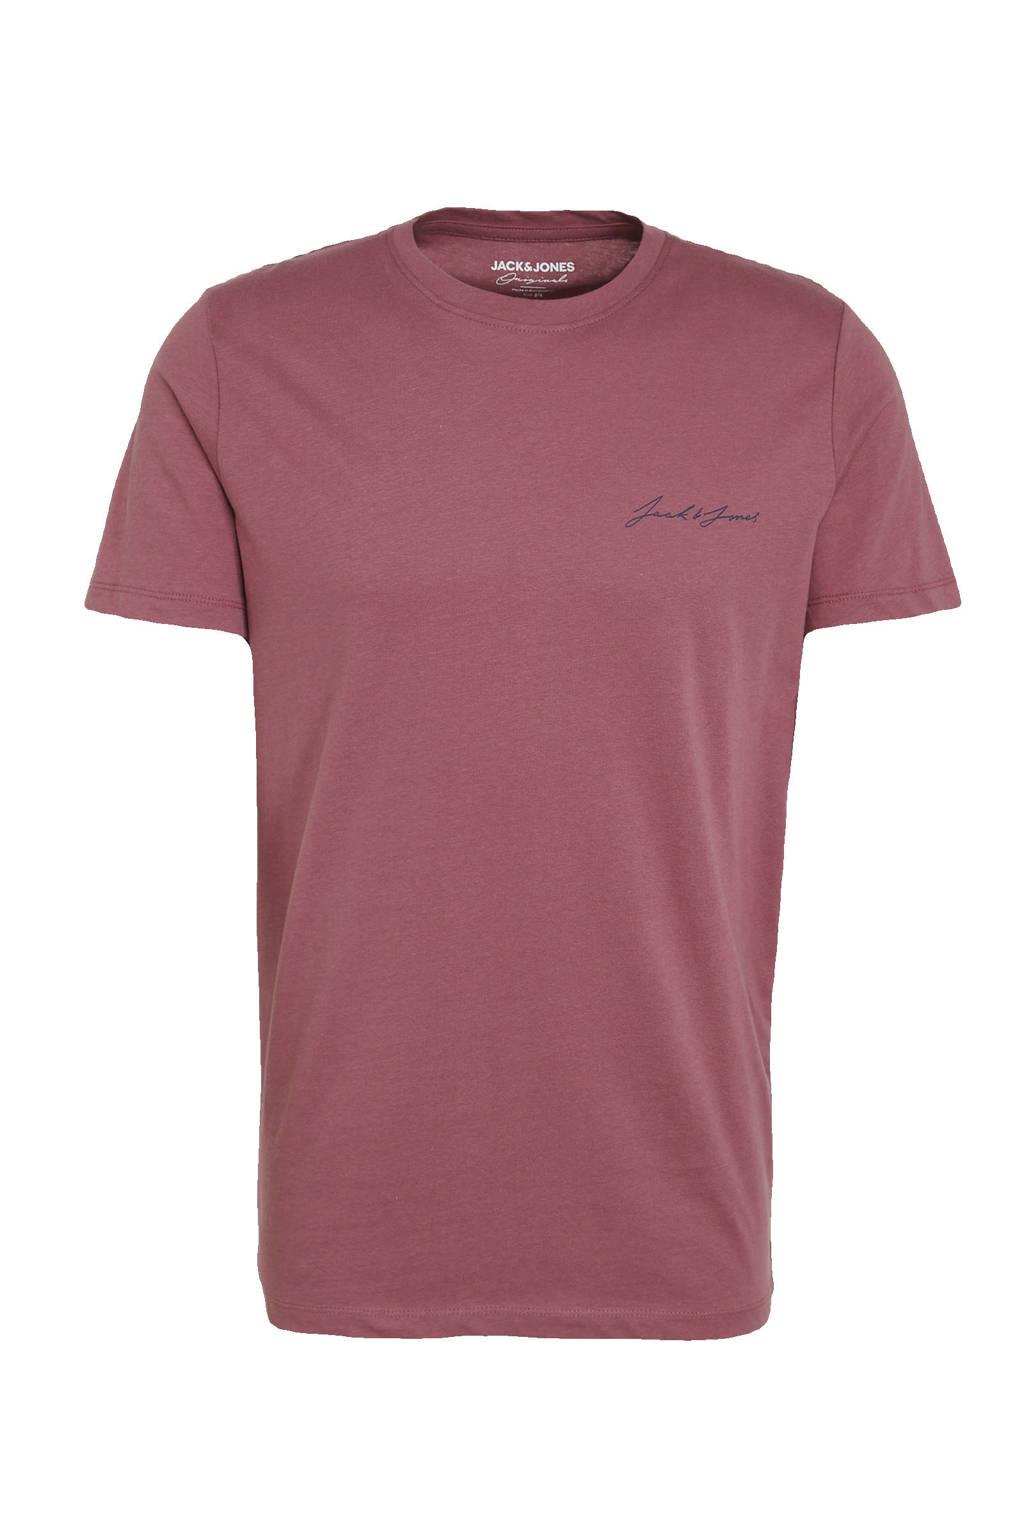 JACK & JONES ORIGINALS T-shirt paars, Paars